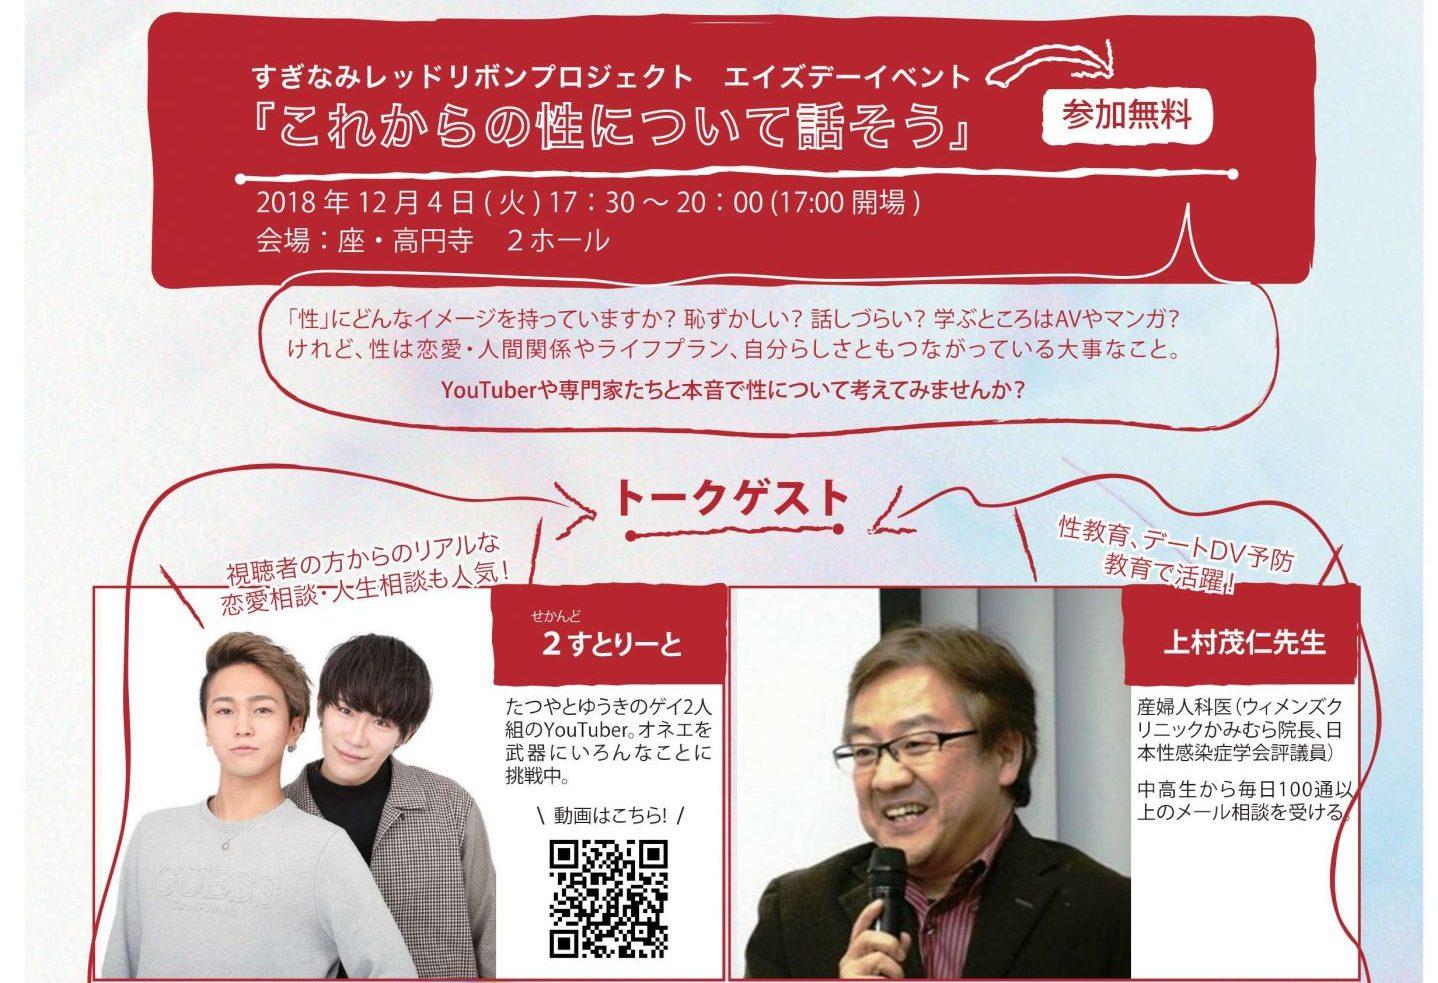 【イベント情報】「すぎなみレッドリボンプロジェクト」ゲスト出演決定!